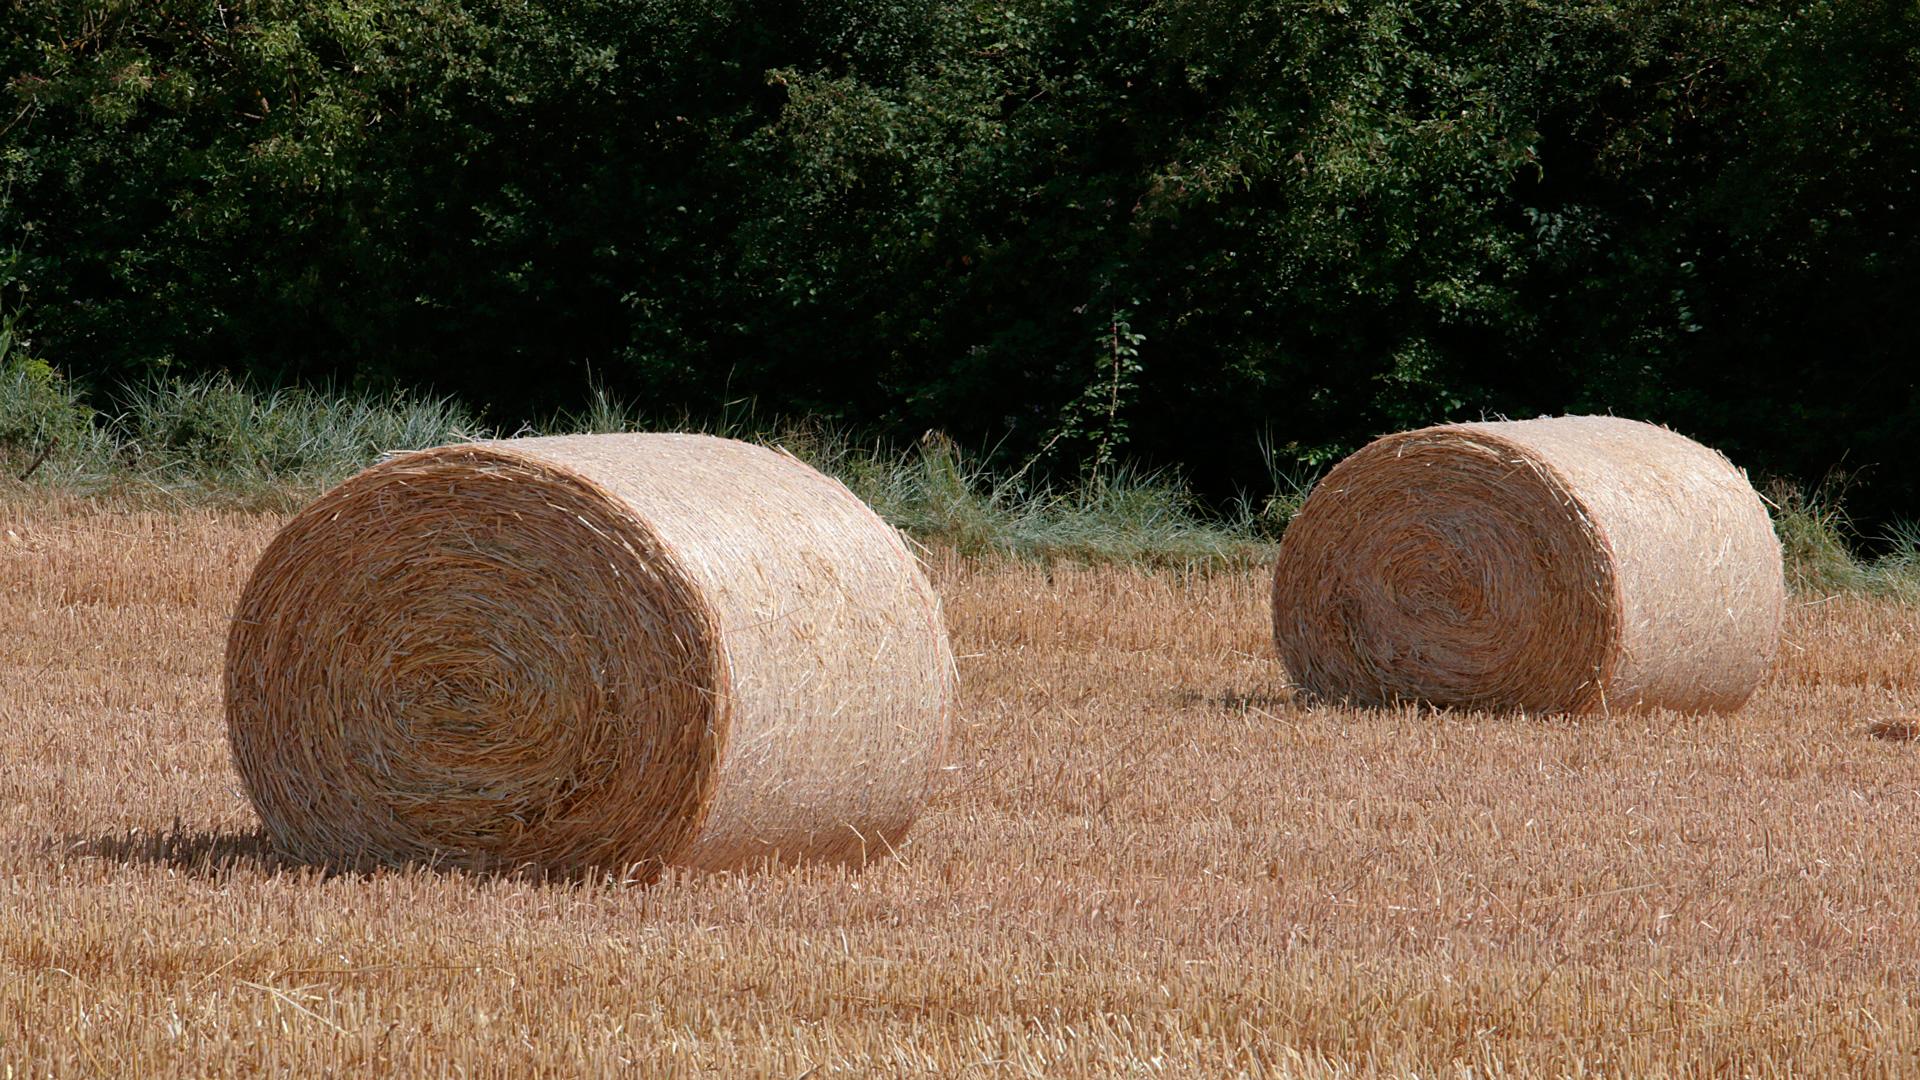 El secreto para la rentabilidad de una ganadería es el buen manejo